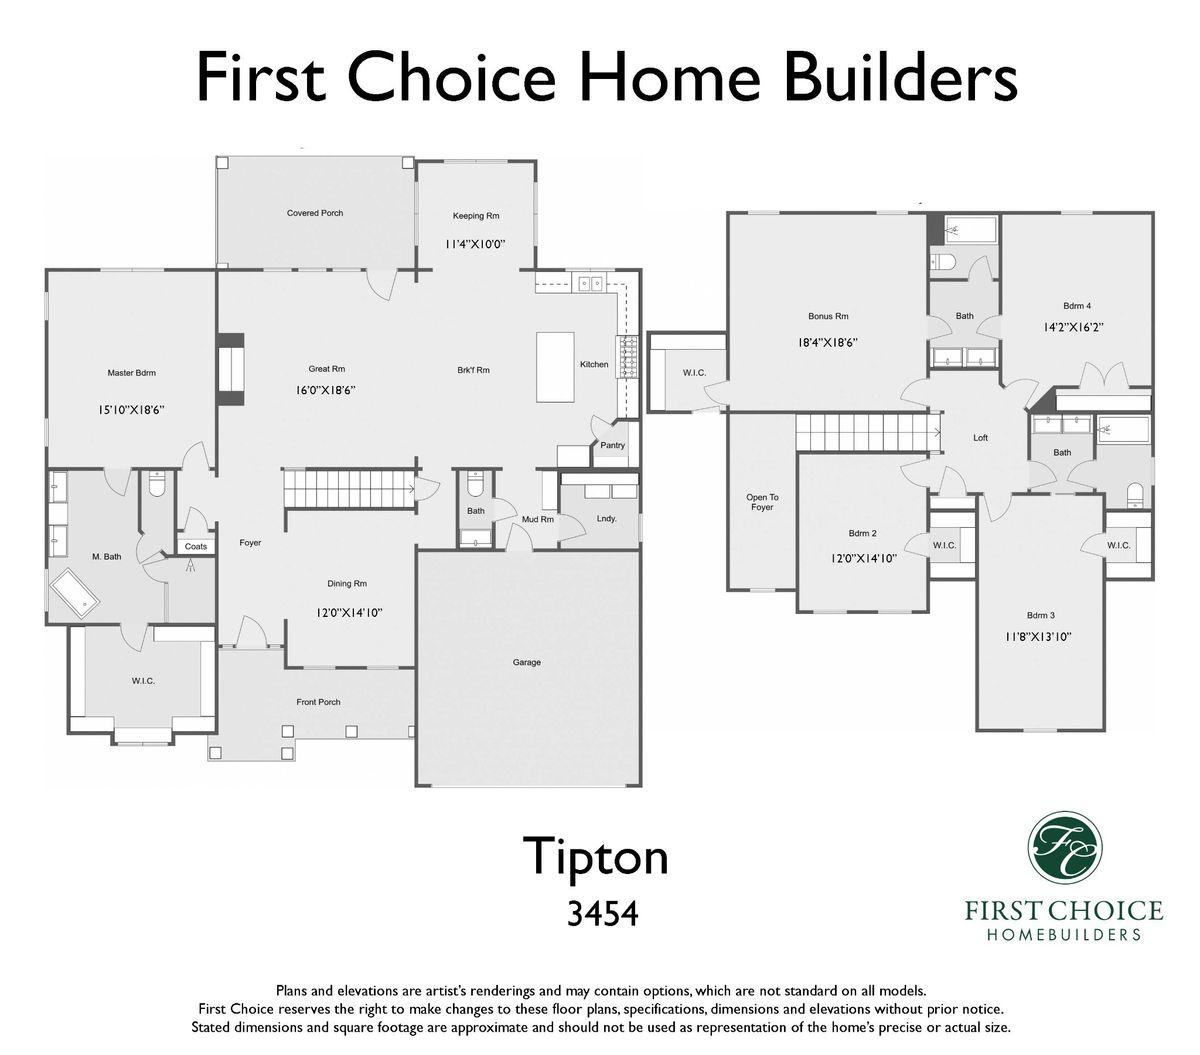 Tipton 3454